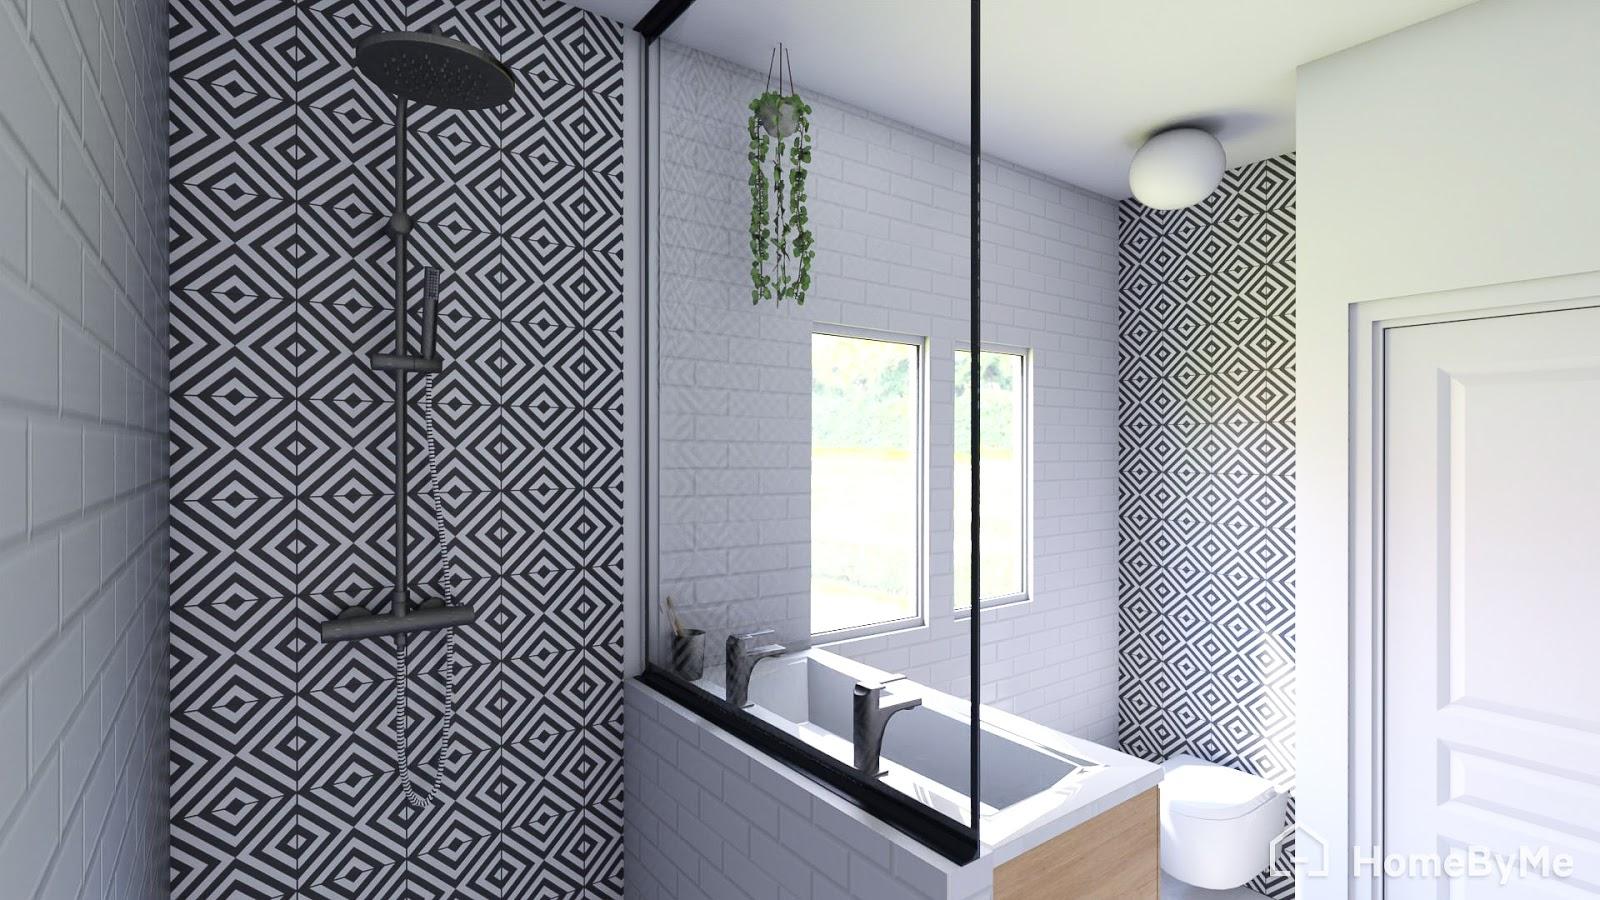 ilaria fatone_home by me_3D salle de bains